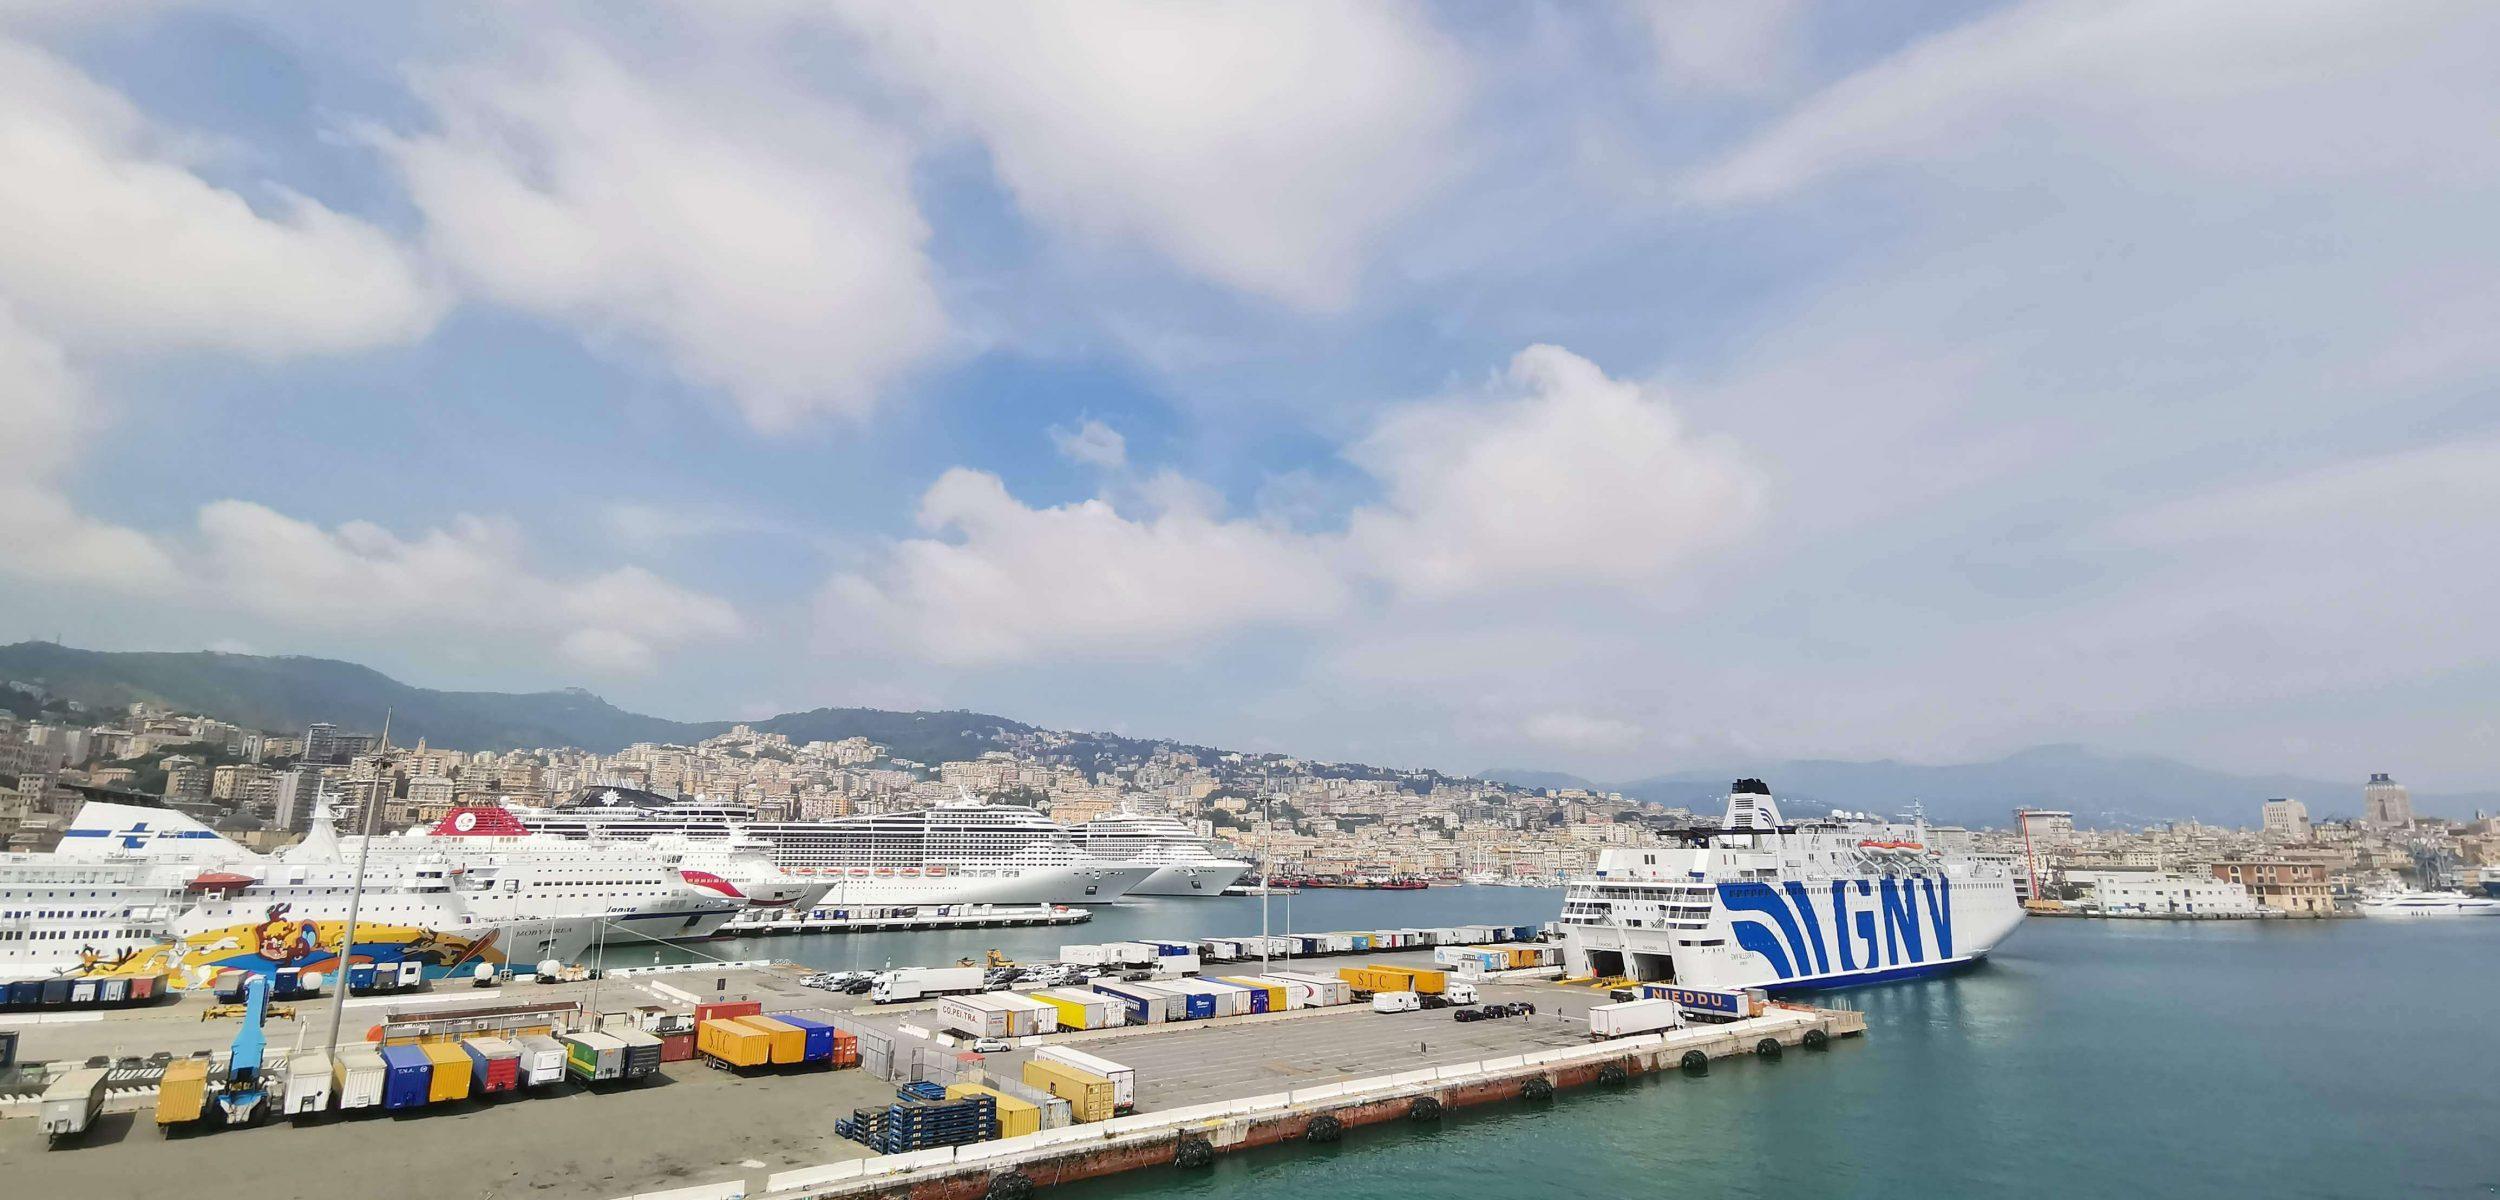 Hafen von Genua